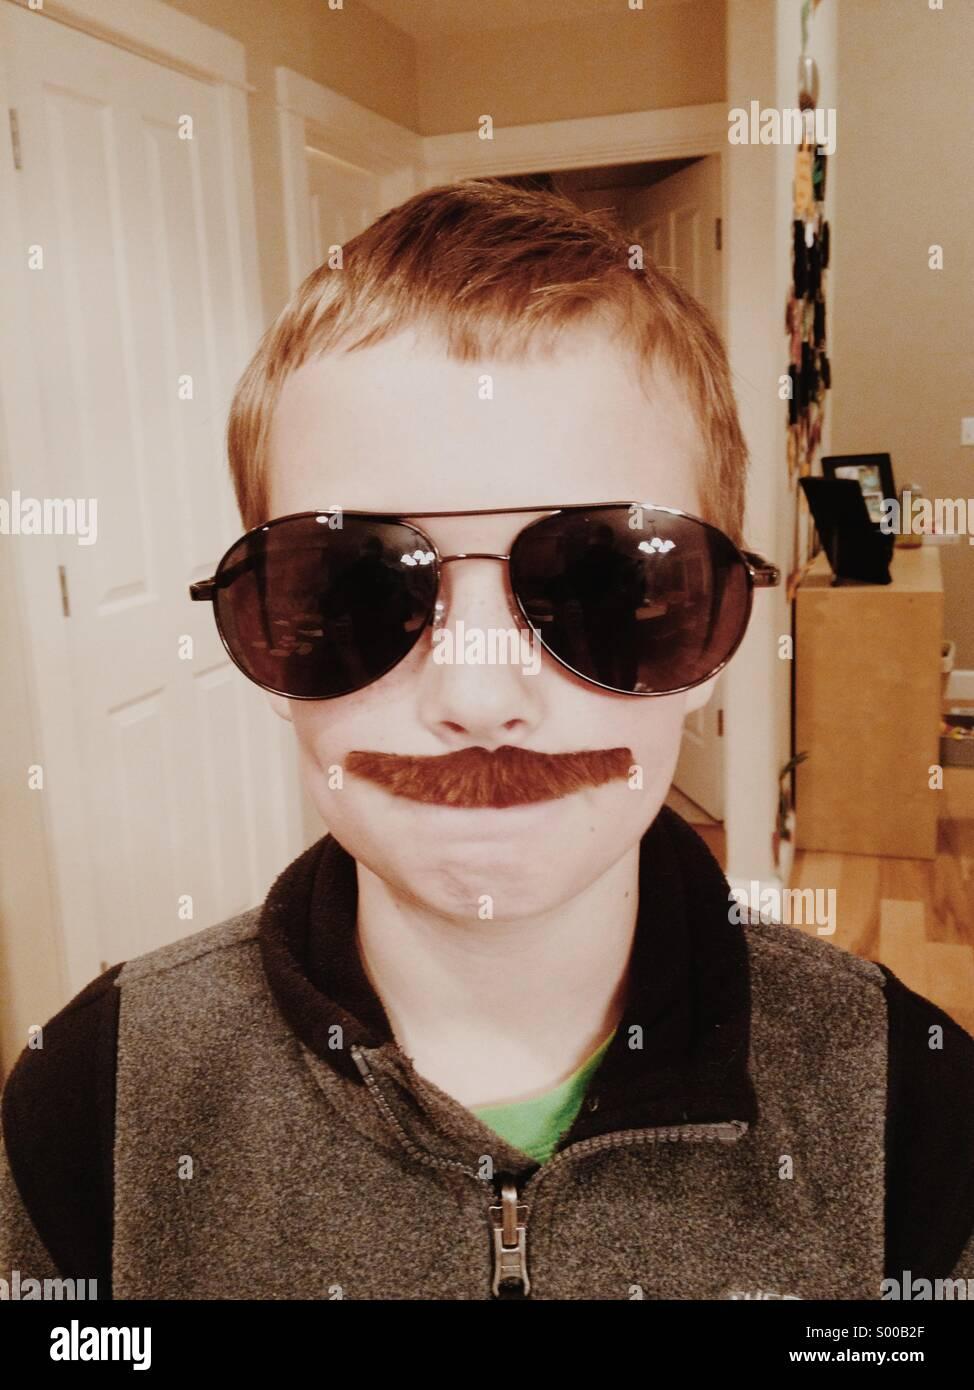 Chico con bigote y gafas falsos Imagen De Stock